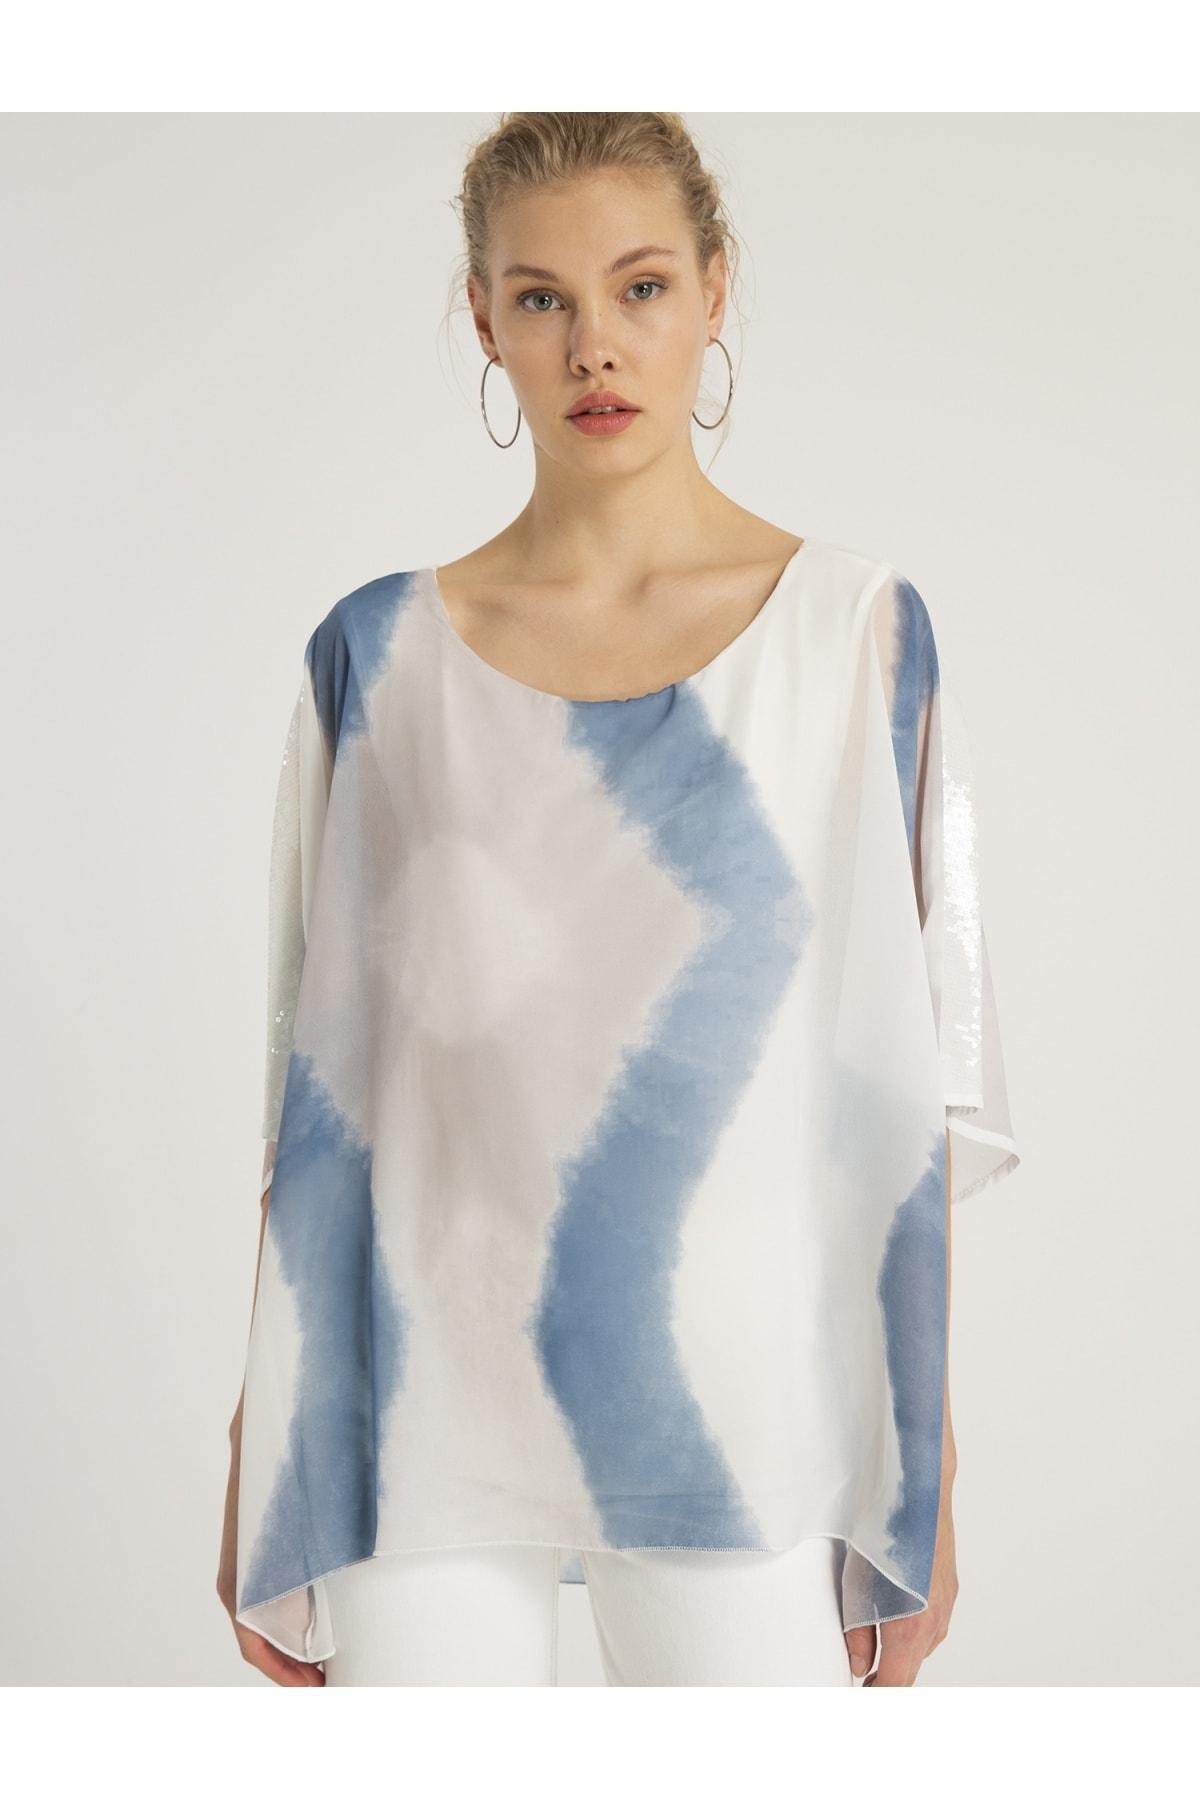 Kadın Ekru- Mavi Baskılı Yarasa Kollu Payet Şeritli Bluz